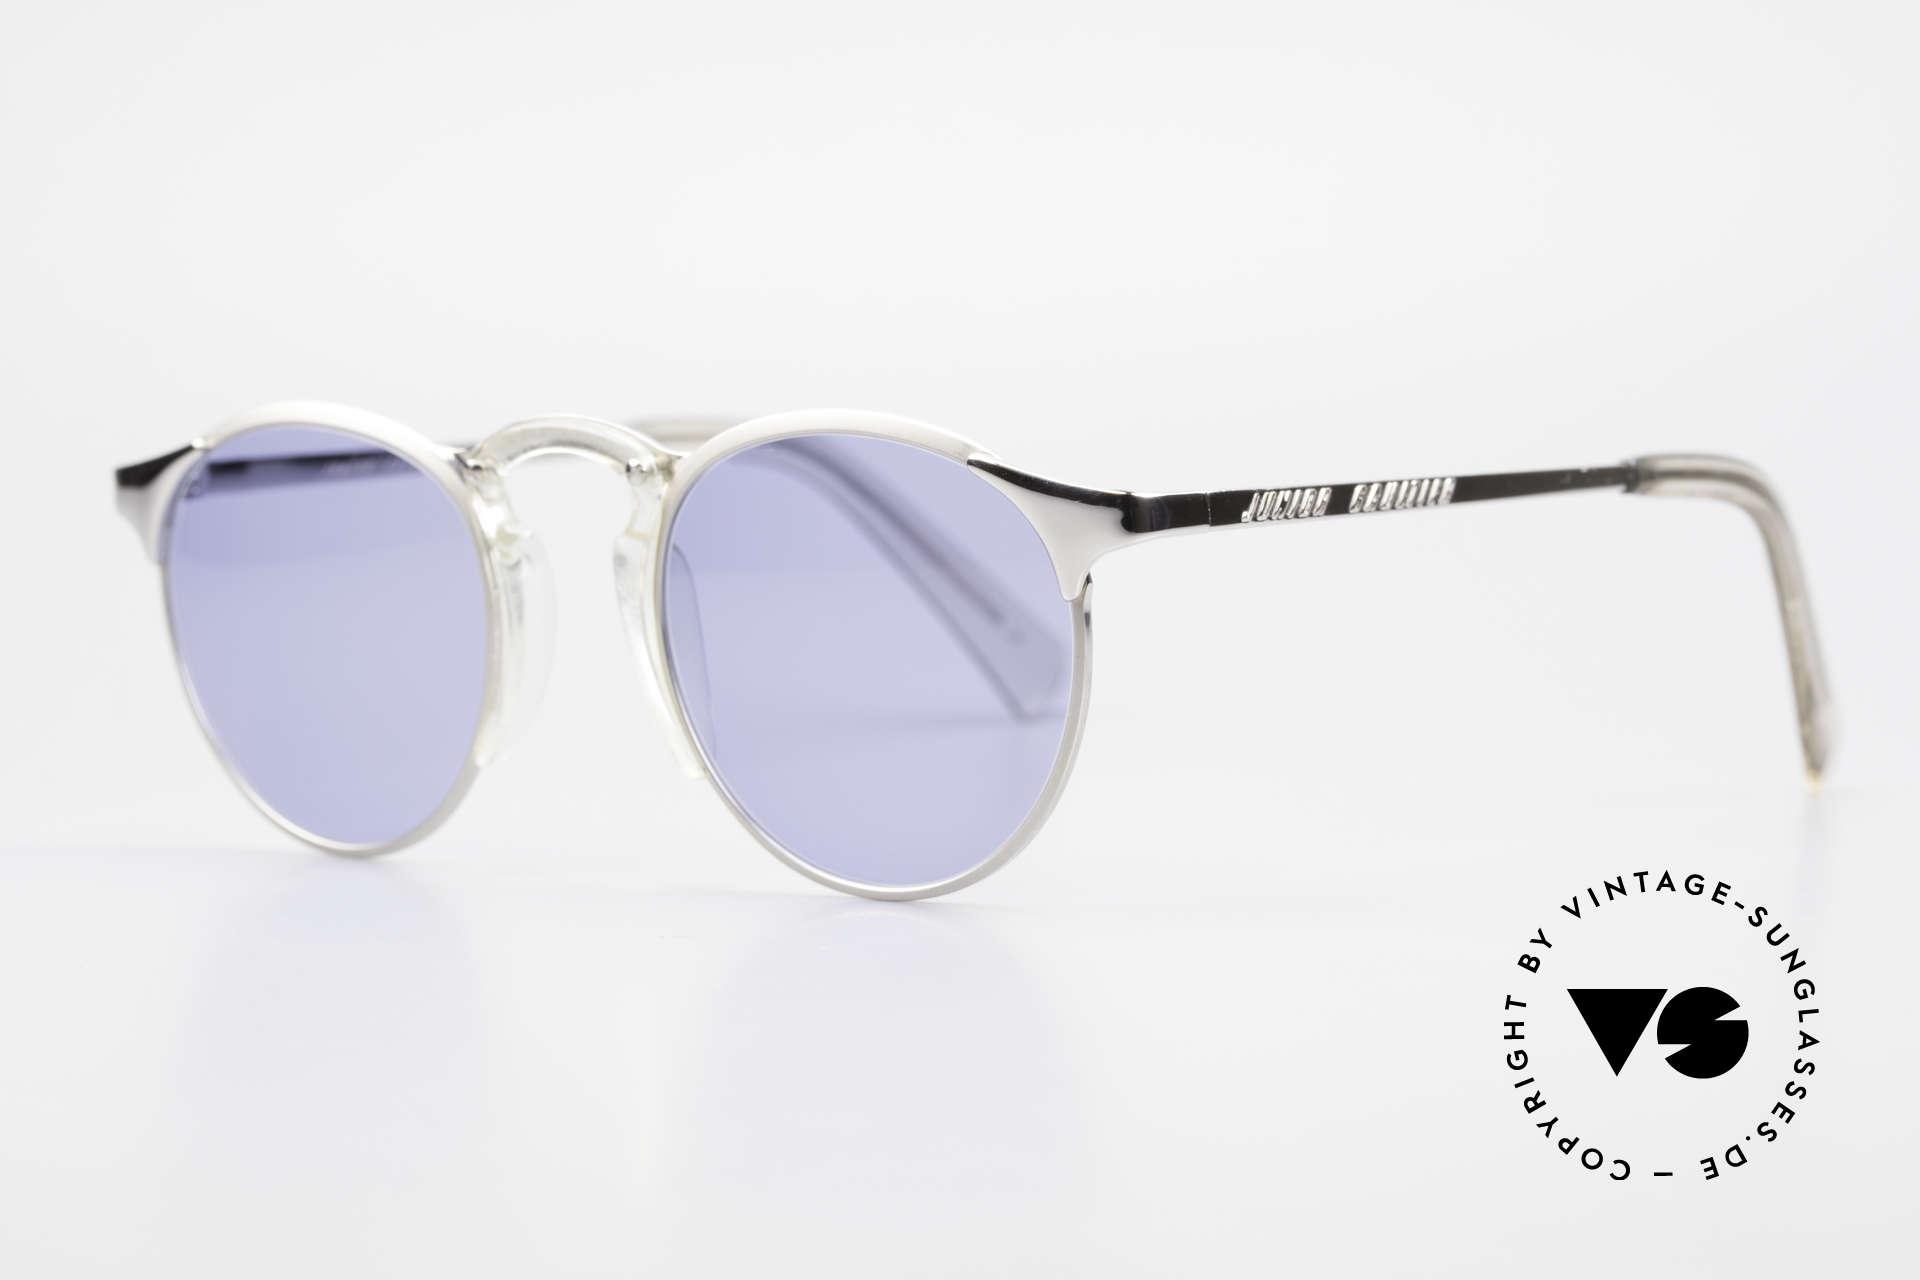 Jean Paul Gaultier 57-0174 Rare 90er Panto Sonnenbrille, herausragende TOP-Qualität (muss man fühlen), Passend für Herren